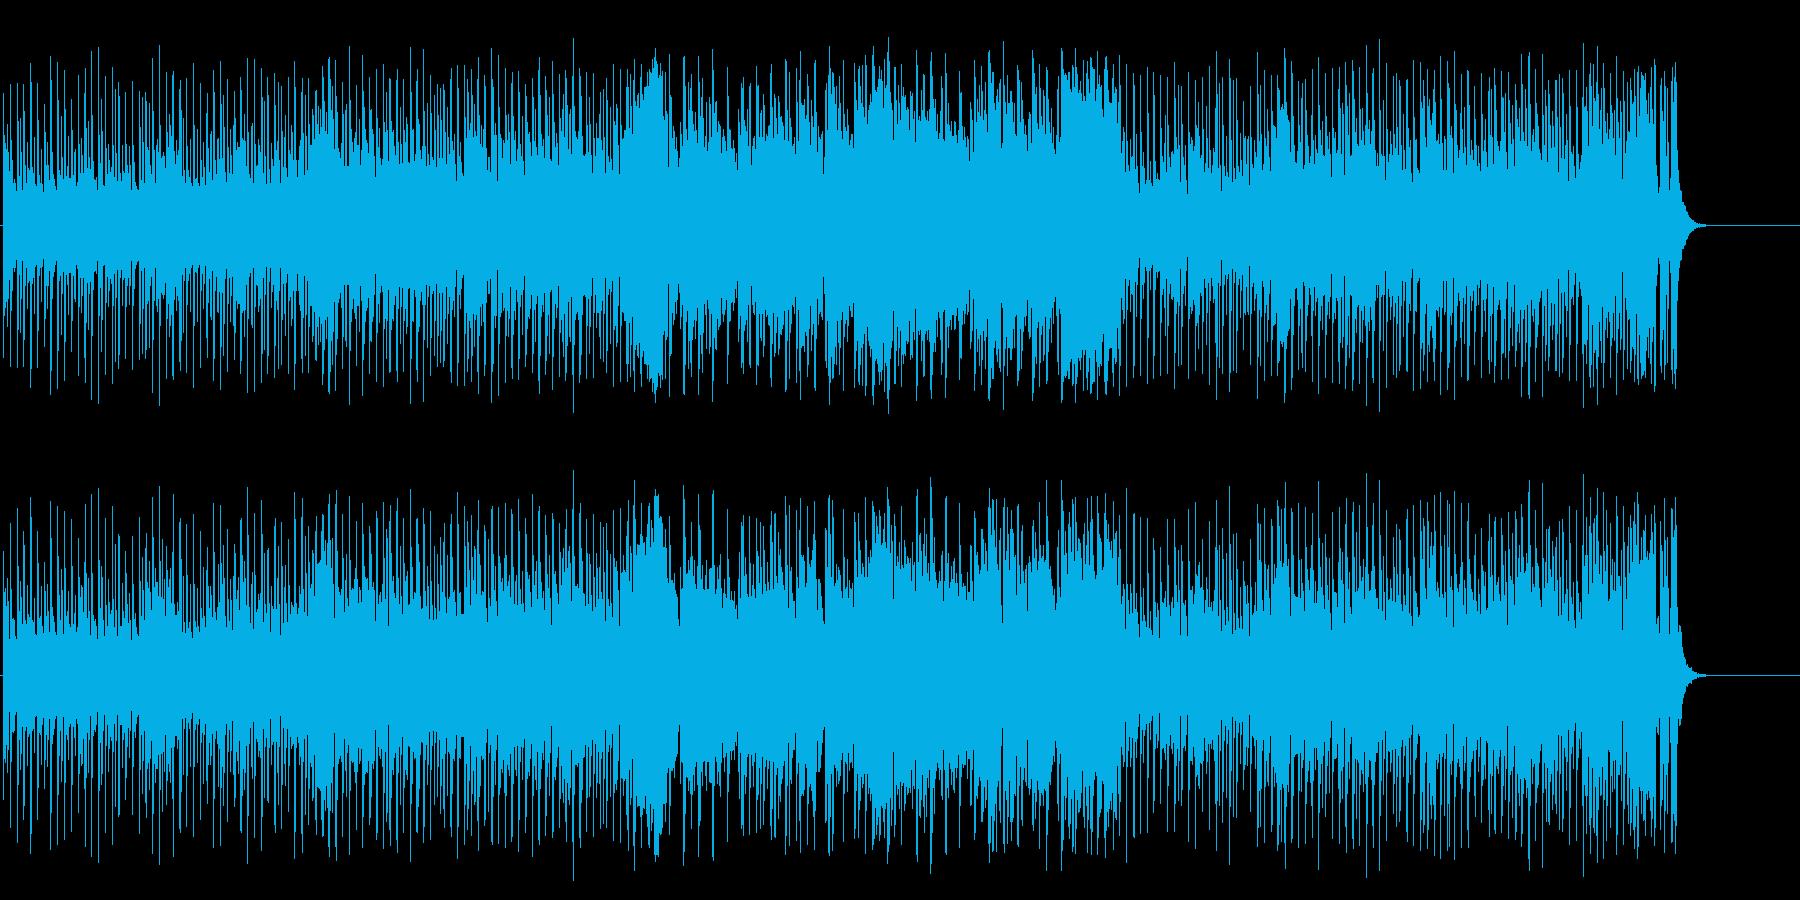 元気でノリノリのストレートなポップロックの再生済みの波形